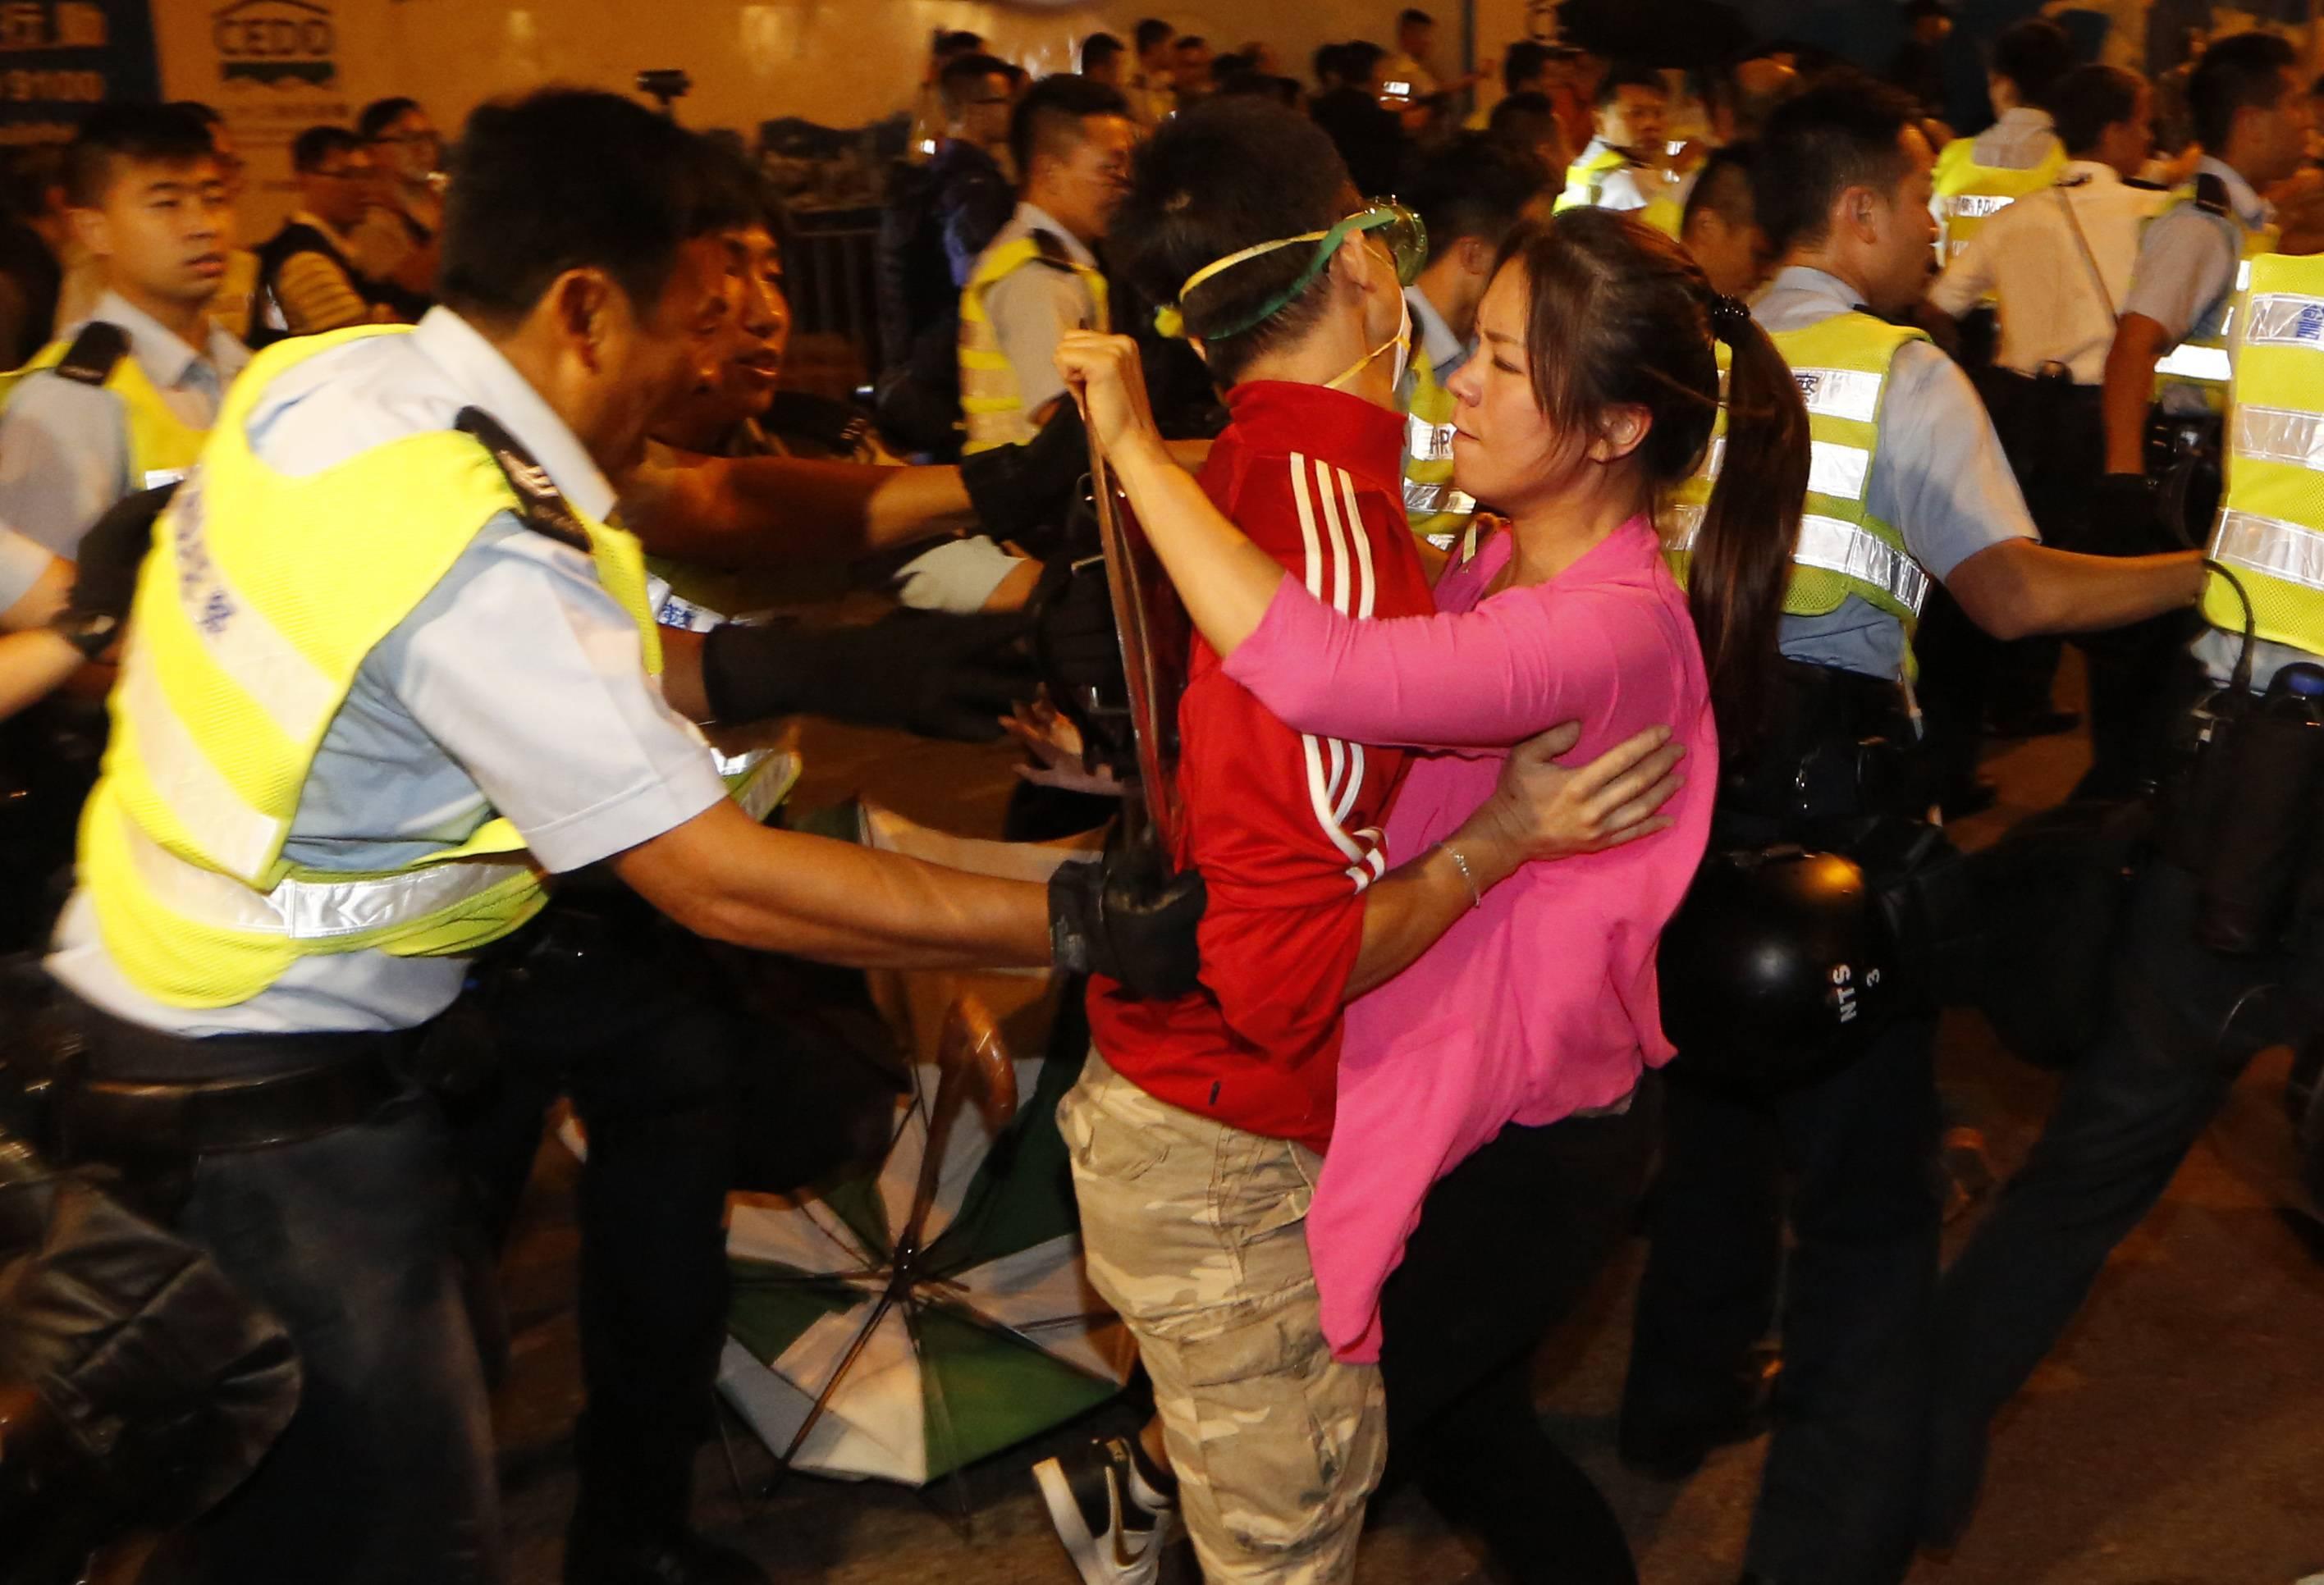 đàn áp, Hồng Kông, cảnh sát, biểu tình,